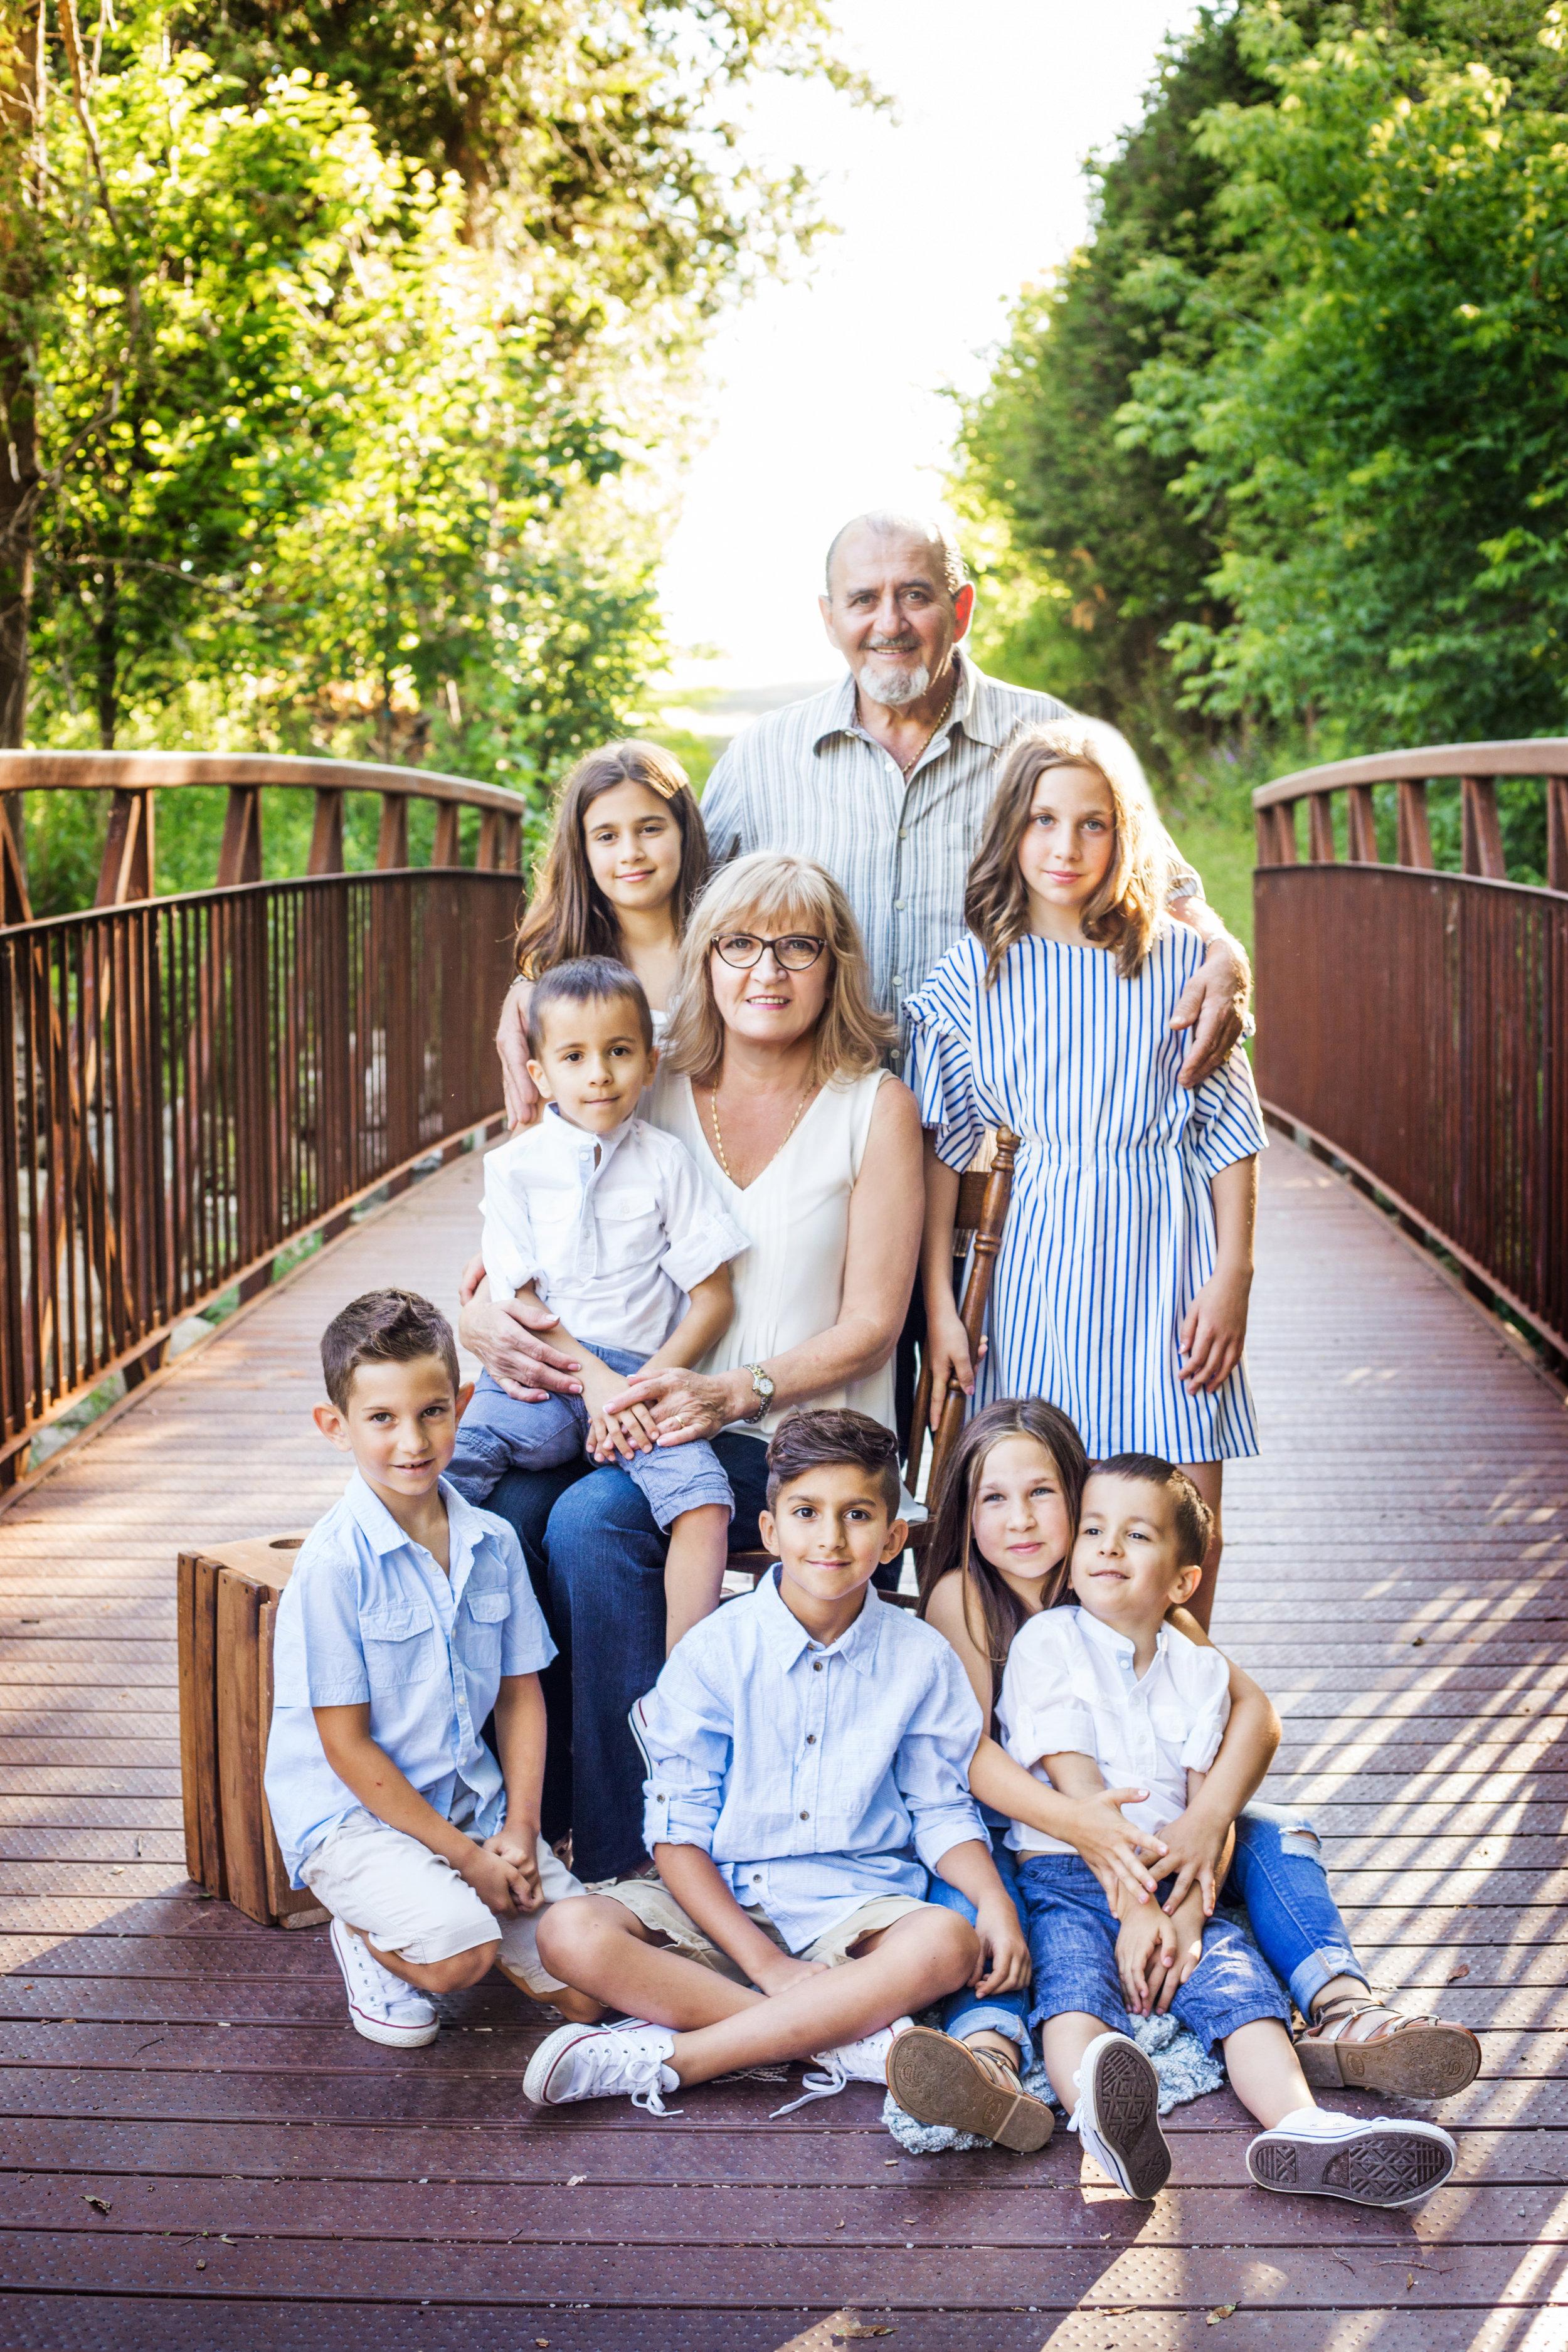 devellis_family-59.jpg